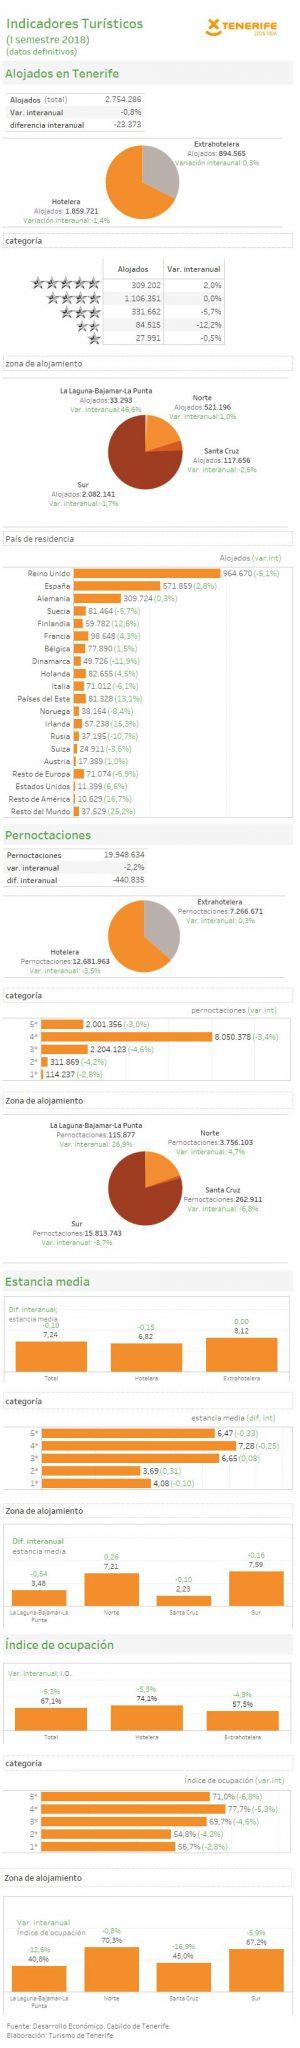 INFOGRAFÍA: Indicadores turísticos de Tenerife (I semestre 2018)